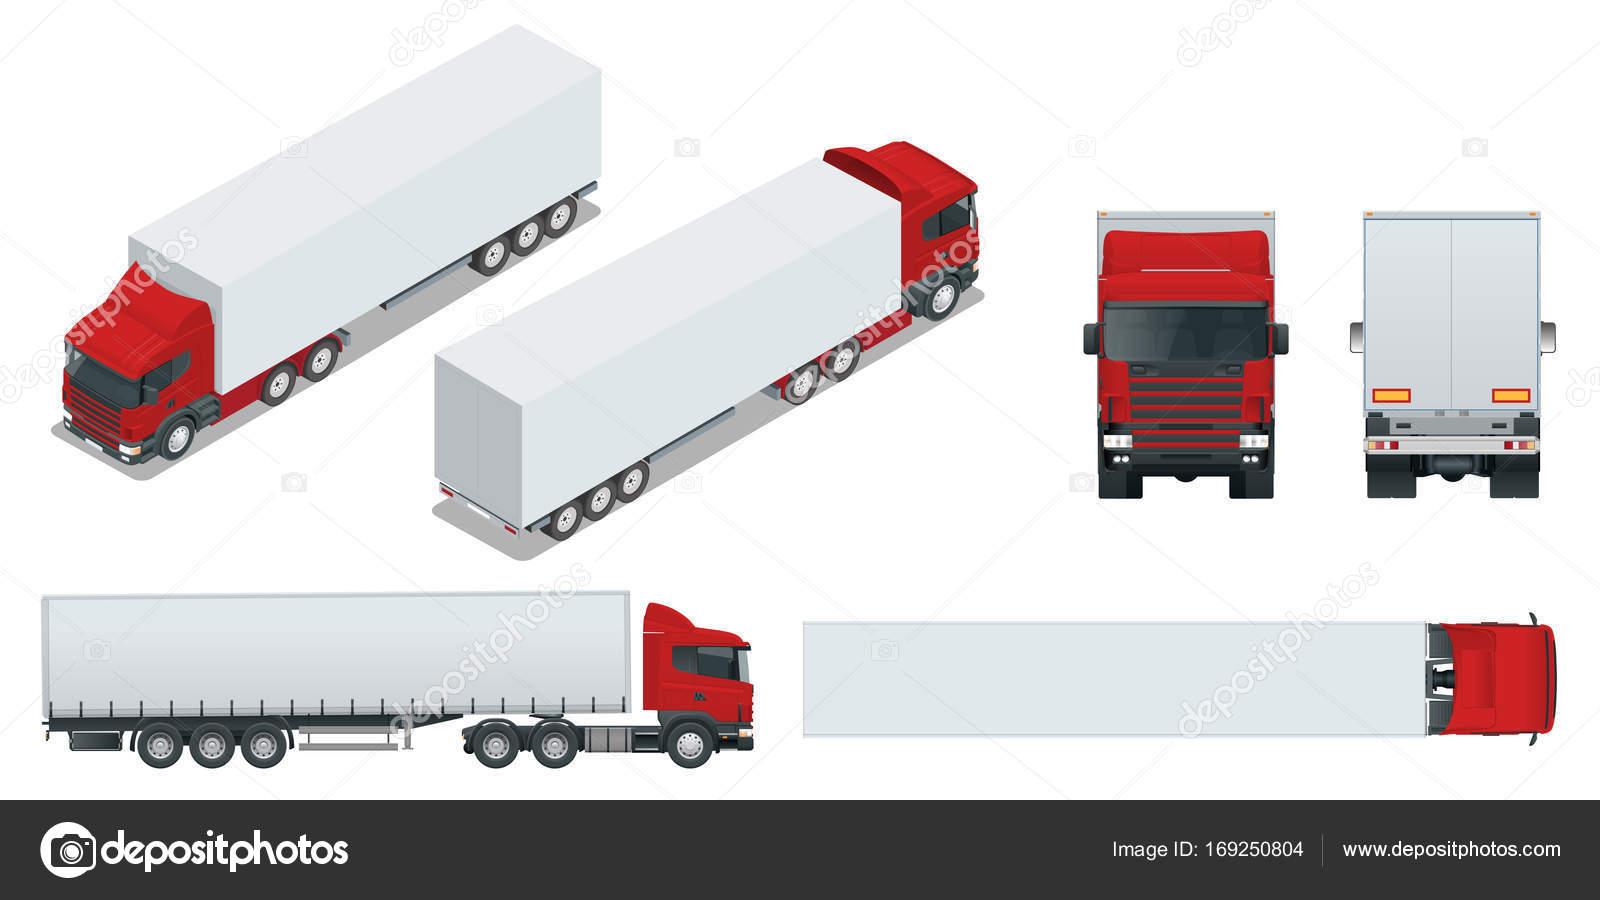 LKW-Anhänger mit Container. Fahrzeug für die Beförderung von Gütern ...